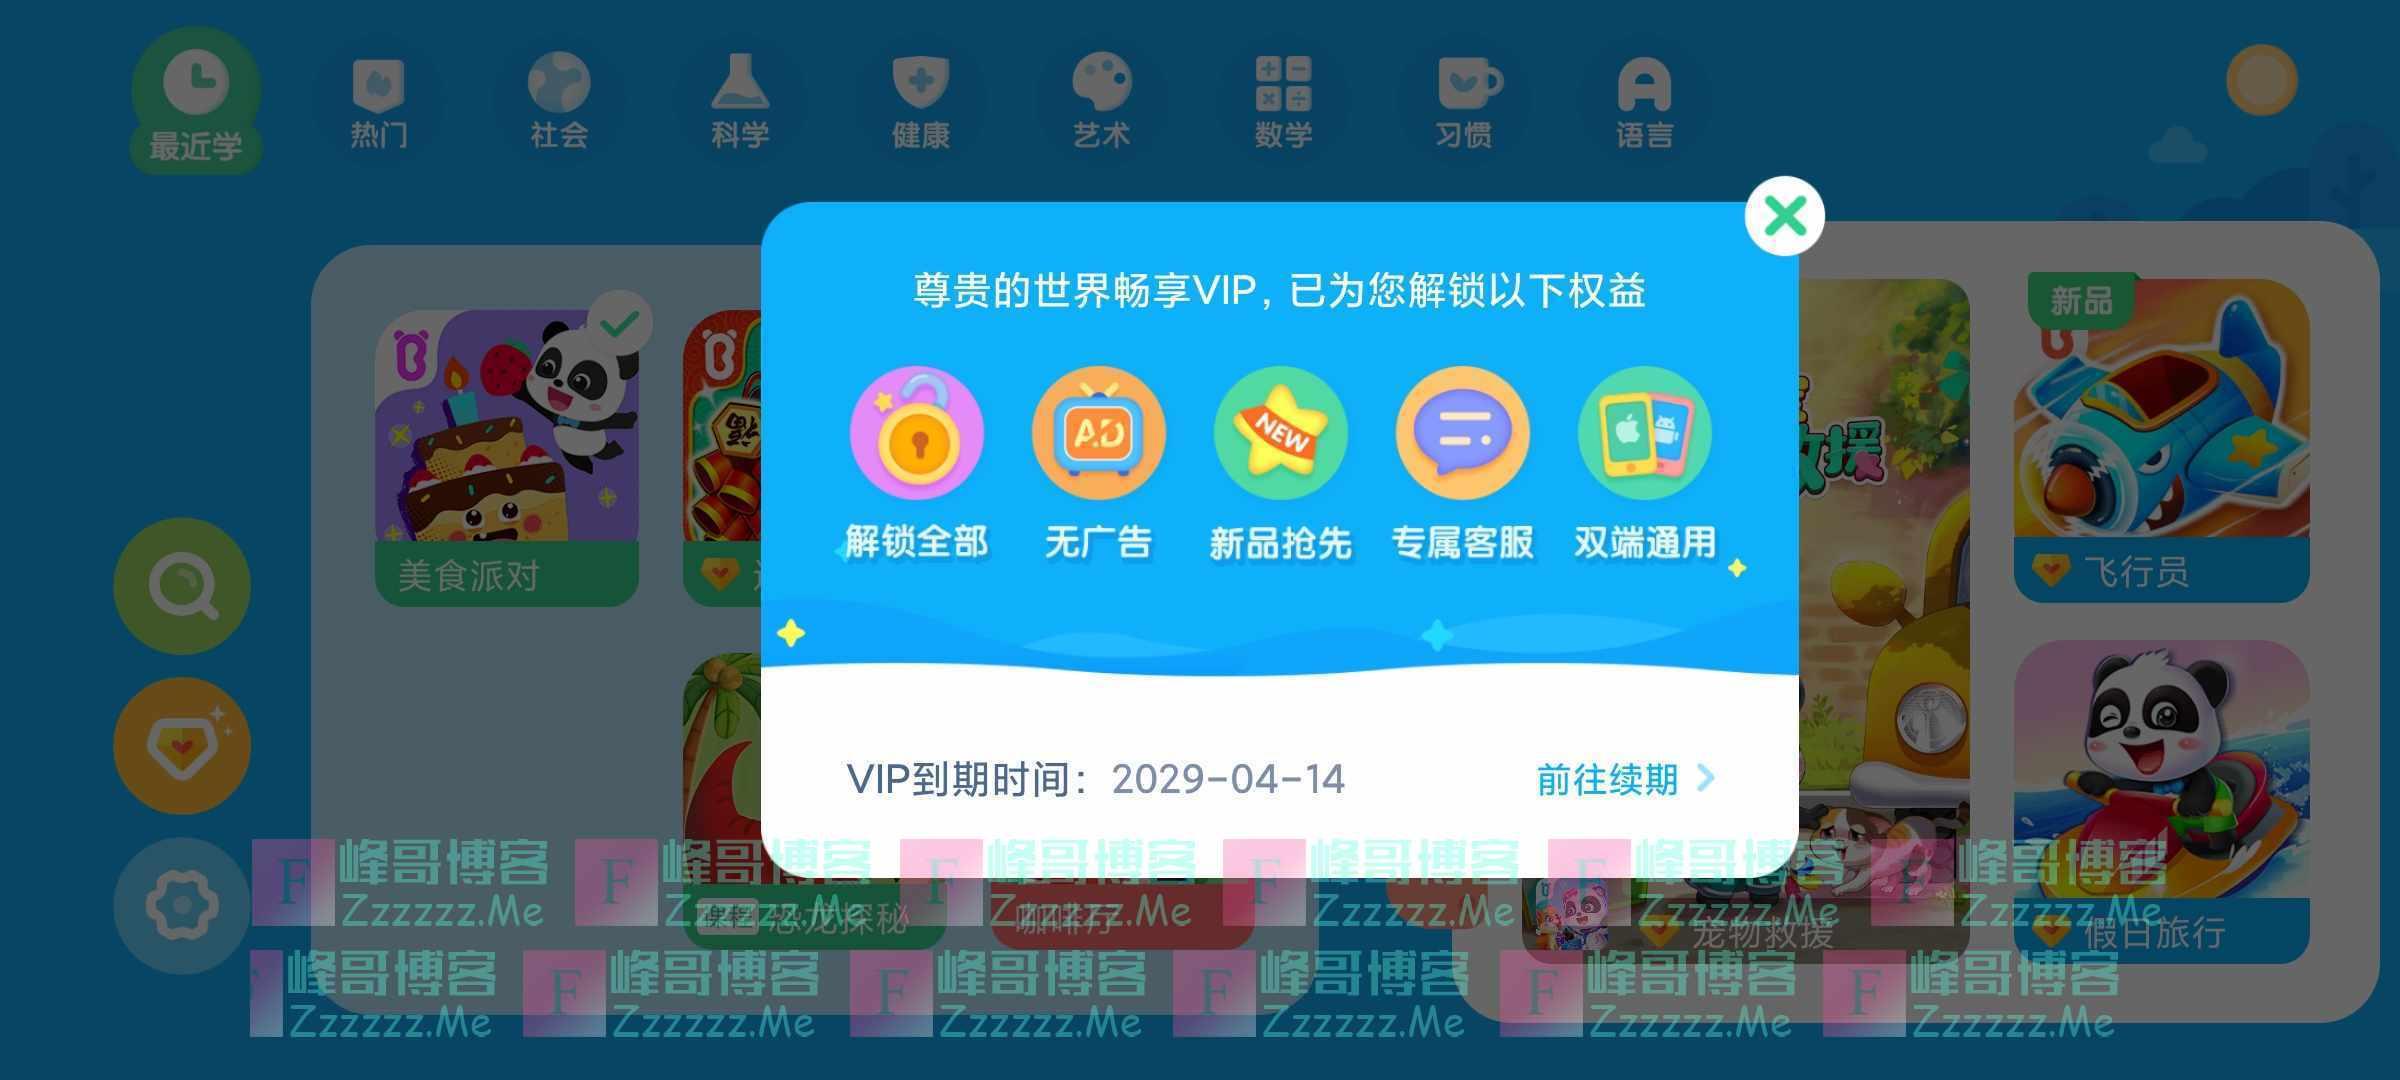 安卓宝宝巴士世界V10.00.31.10 宝宝巴士世界VIP会员破解版下载